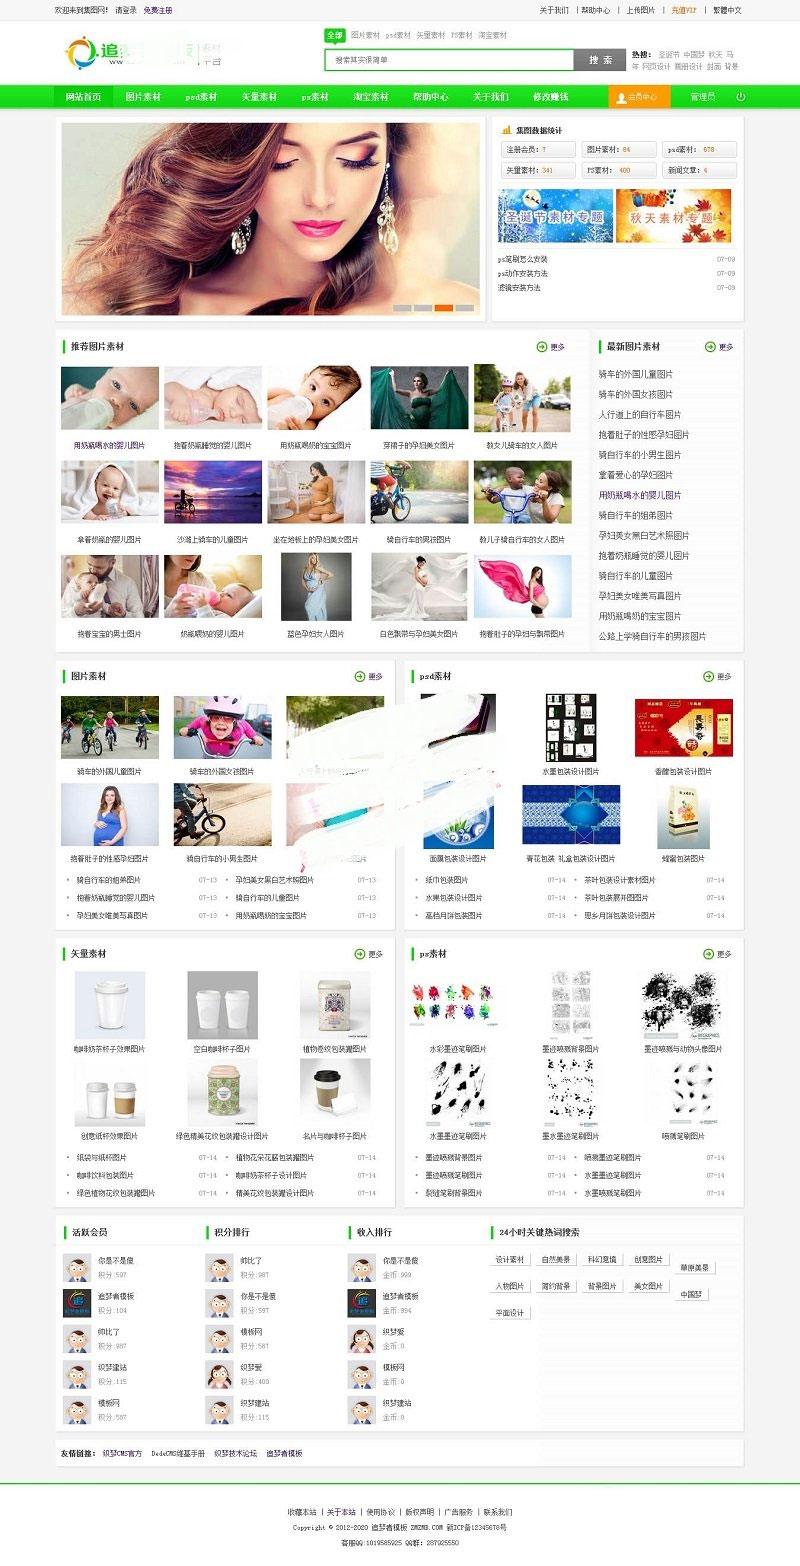 素材网模板源码仿集图网照片织梦dedecms模板源代码插图